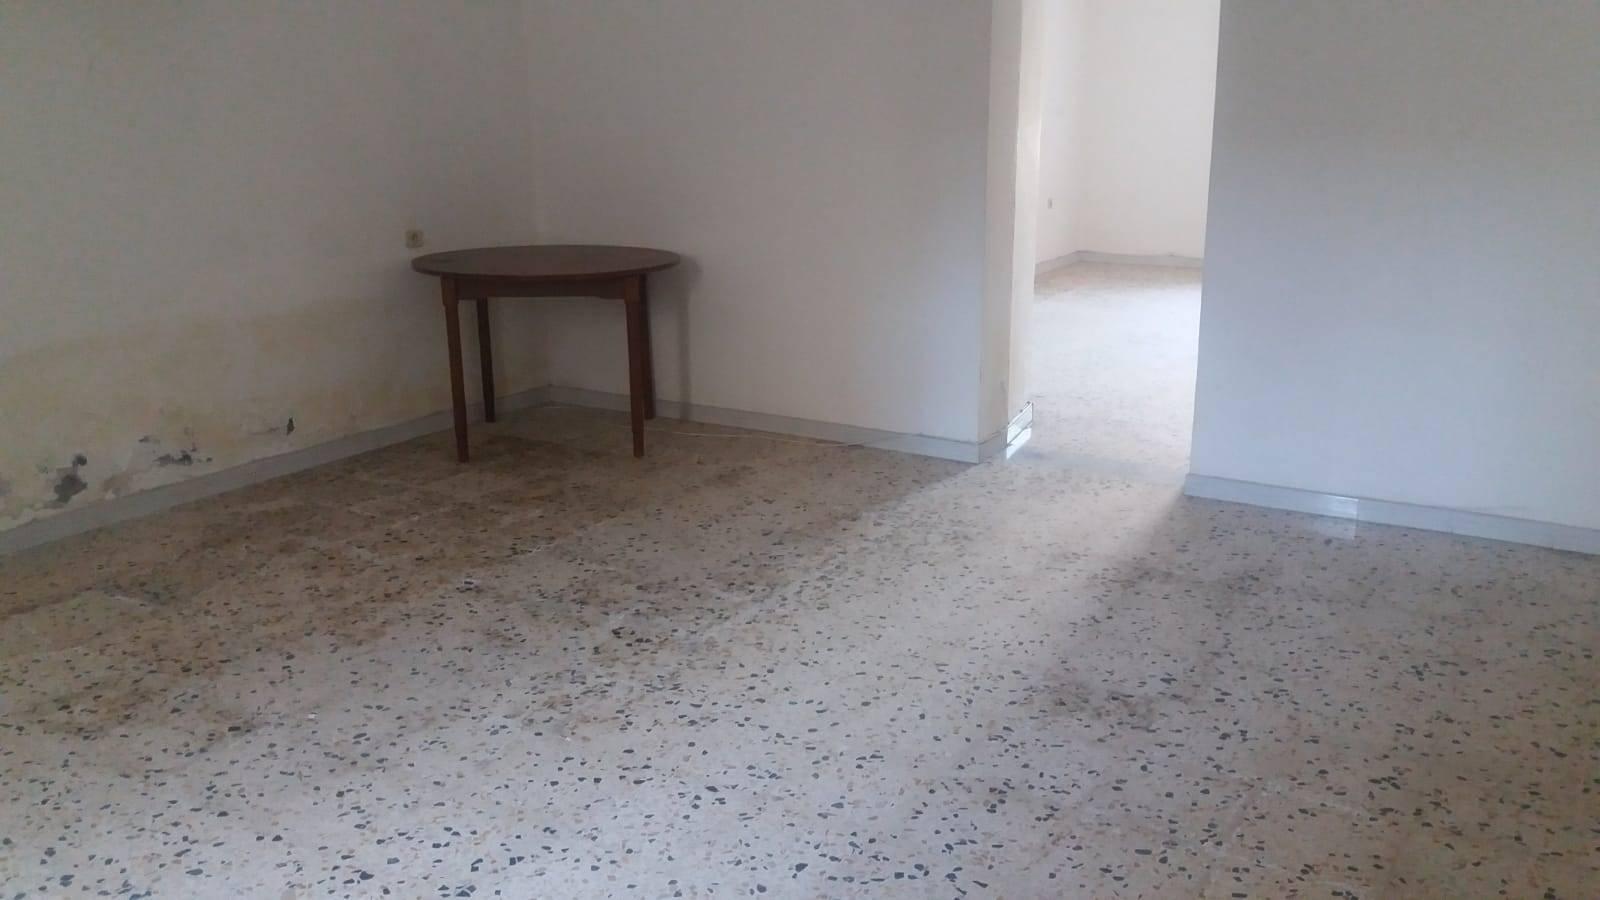 Appartamento in vendita a Pontecagnano Faiano, 4 locali, zona ecagnano, prezzo € 60.000 | PortaleAgenzieImmobiliari.it